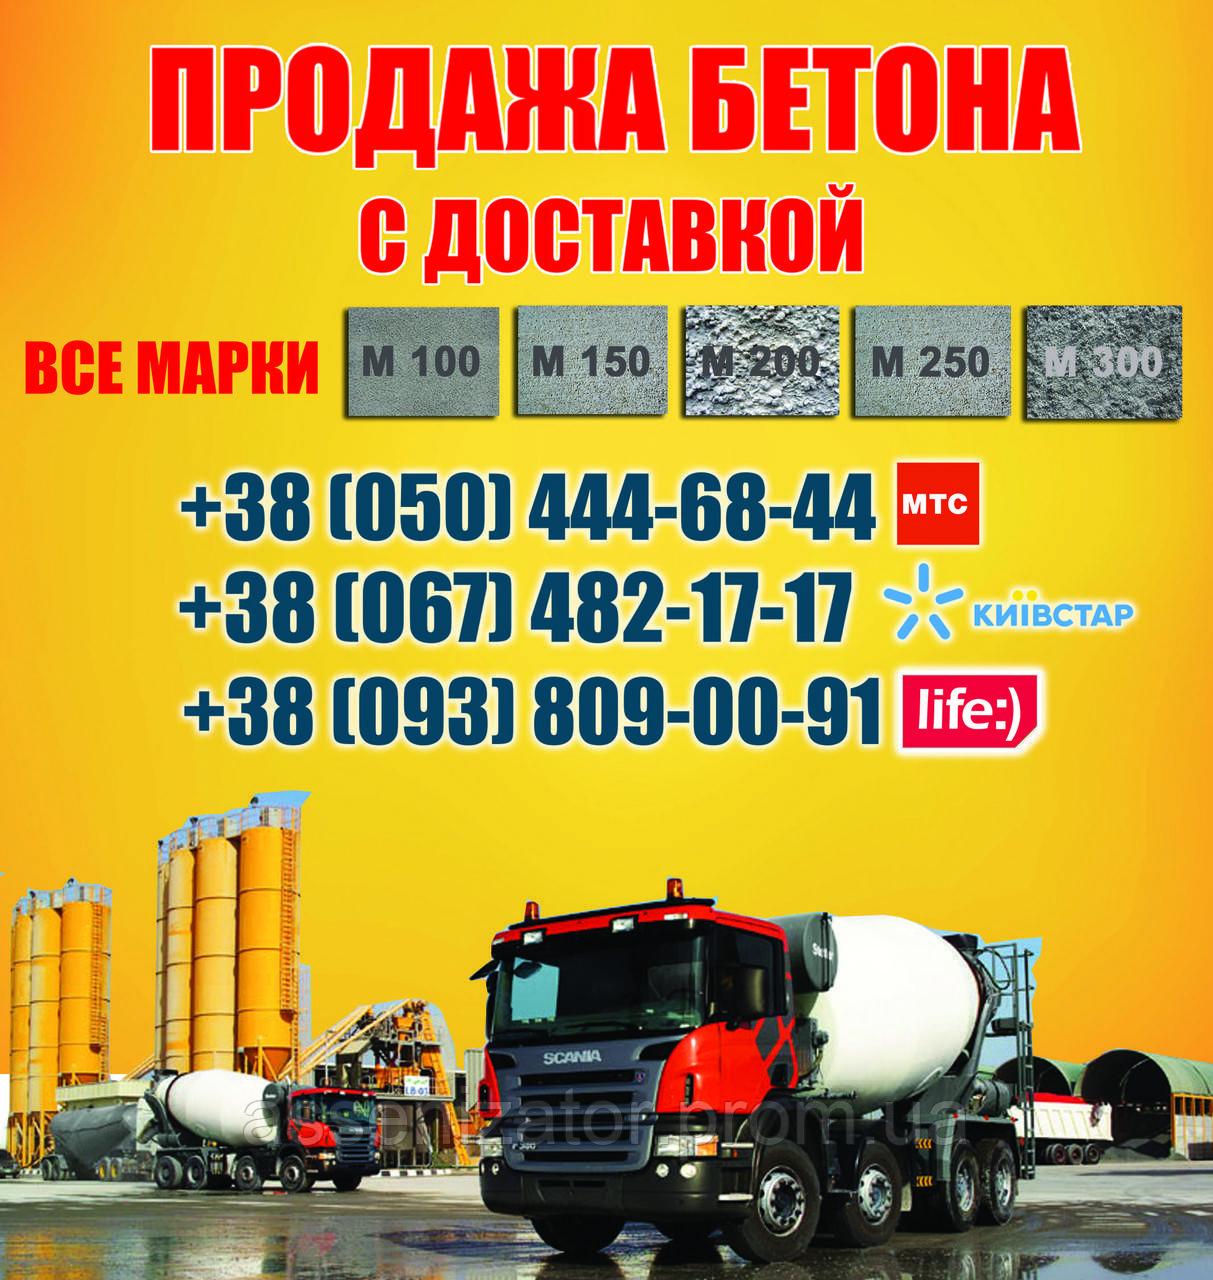 Купить бетон в Запорожье. Цена за куб бетона по Запорожью. Купить с доставкой бетон ЗАПОРОЖЬЕ любую марку